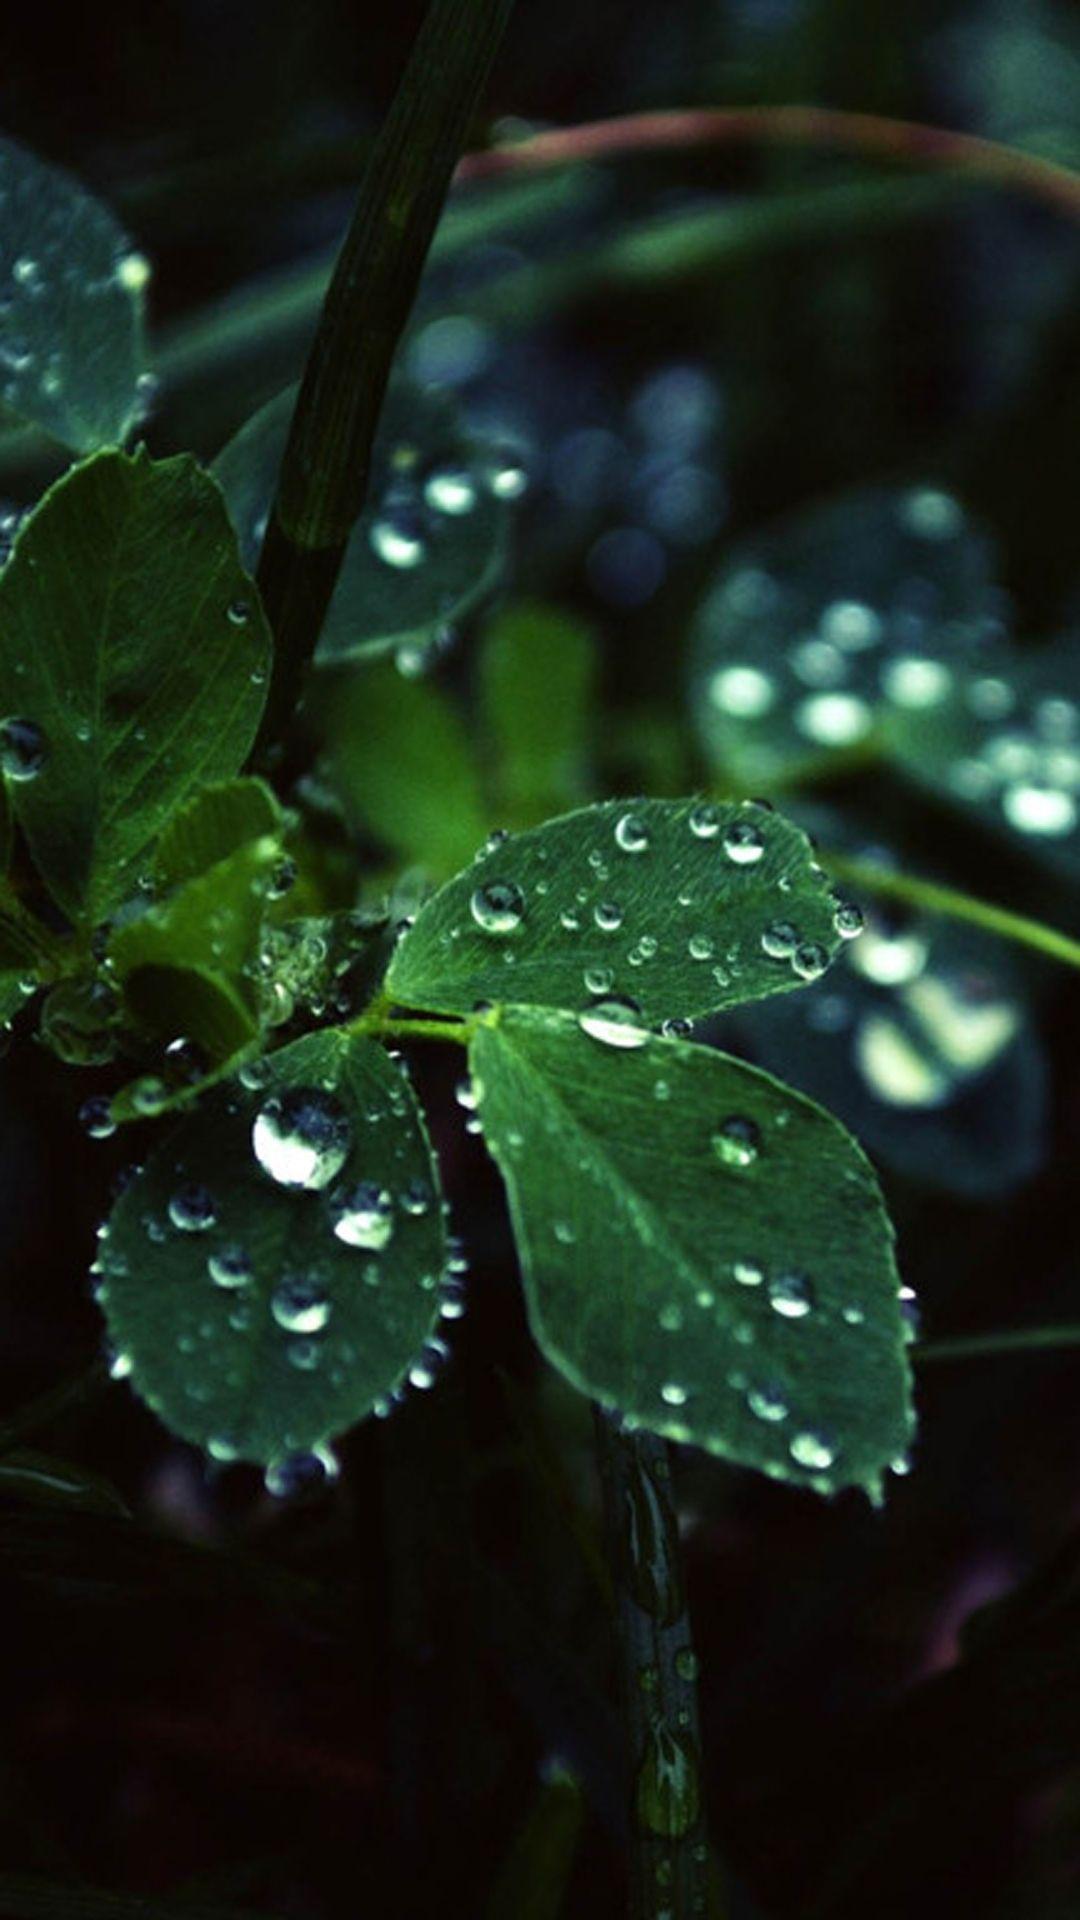 Dark Leaf Dew Macro Iphone 6 Plus Wallpaper Nature Iphone Wallpaper Iphone 6 Wallpaper Rainy Wallpaper